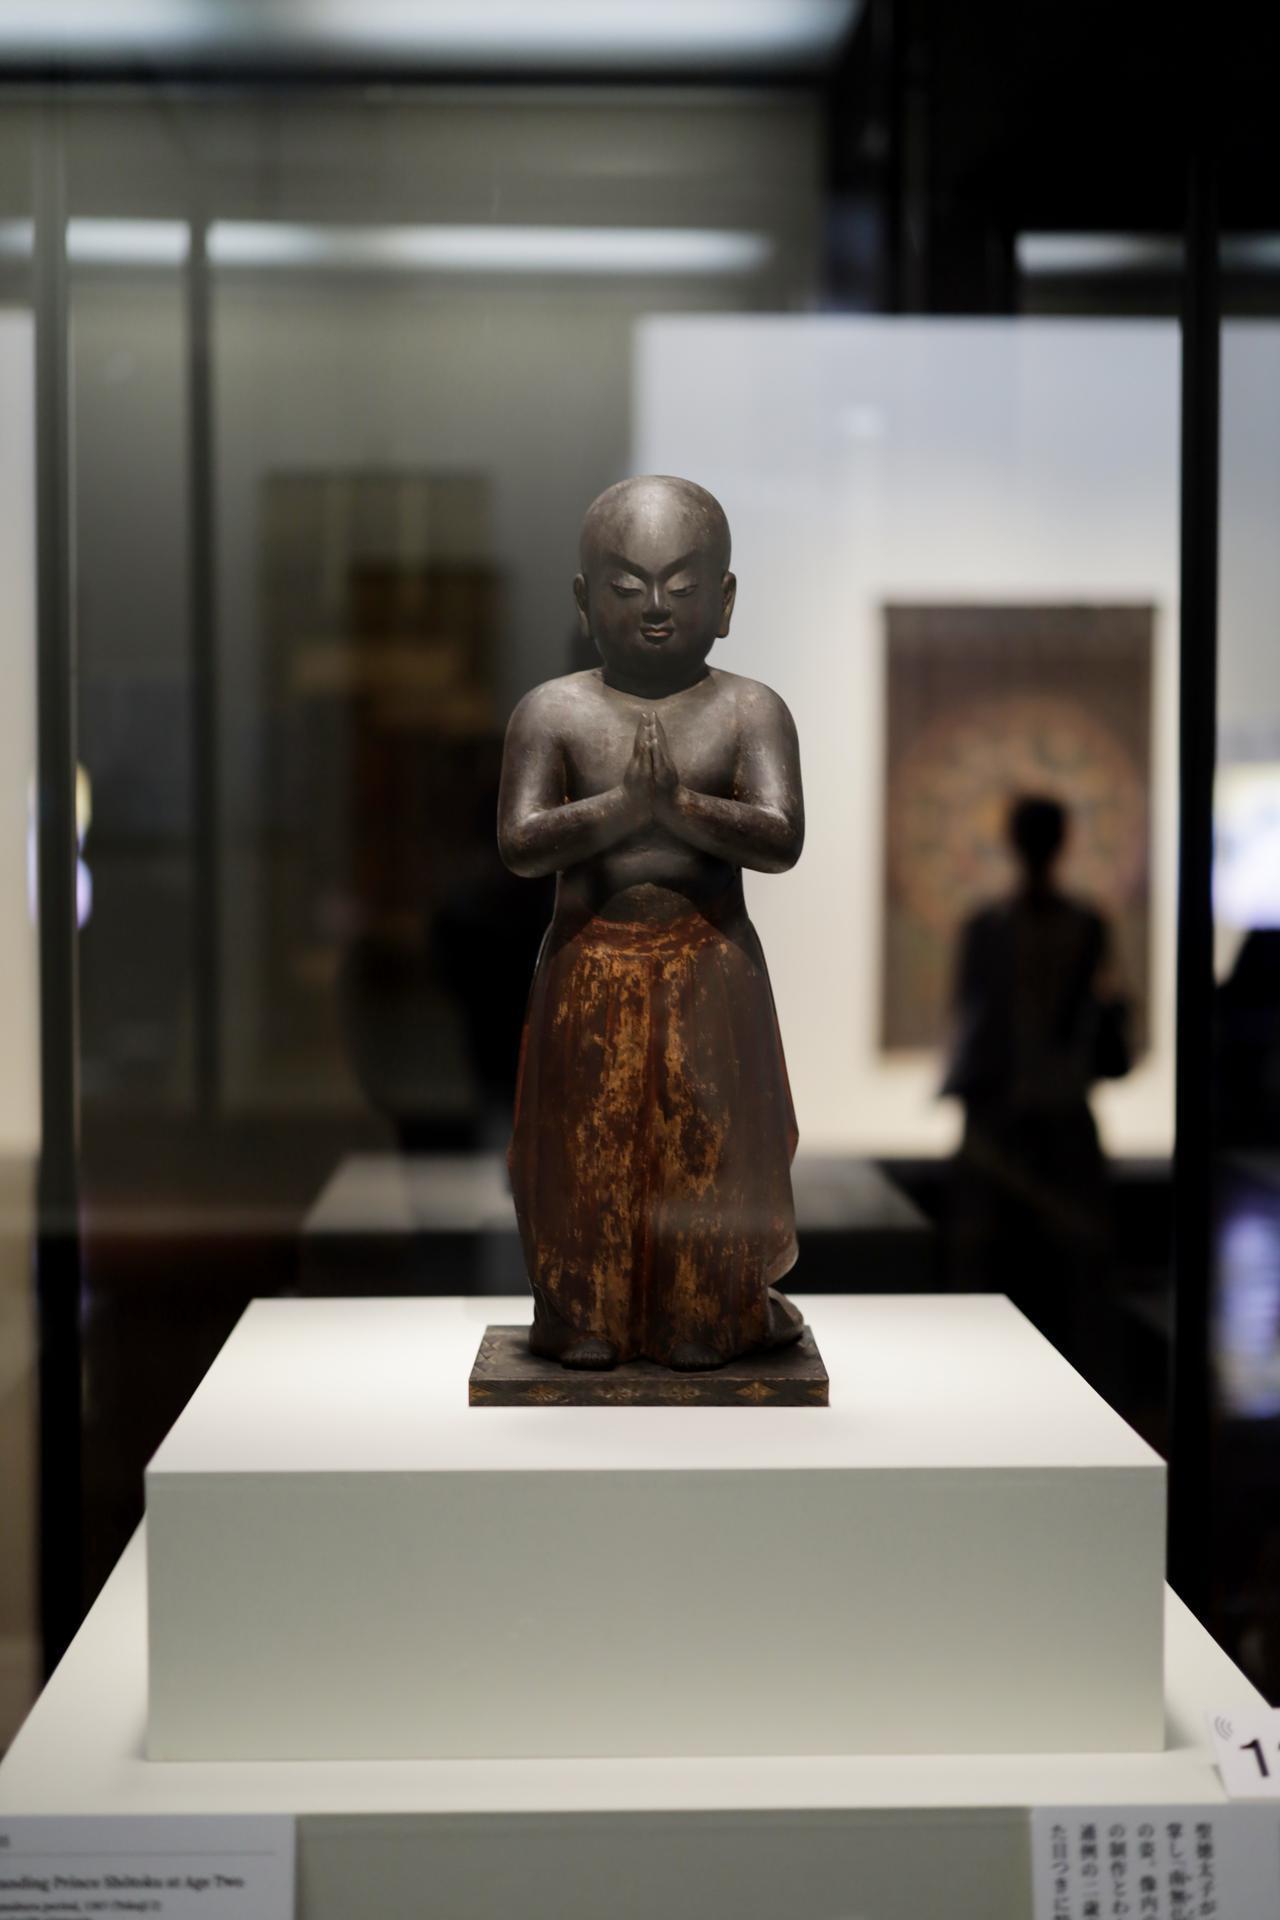 画像: 聖徳太子坐立像(二歳像・南無仏太子)鎌倉時代 徳治2(1307)年 奈良・法隆寺 二歳の時に東を向いて合唱し「南無仏」と唱えたという太子の姿